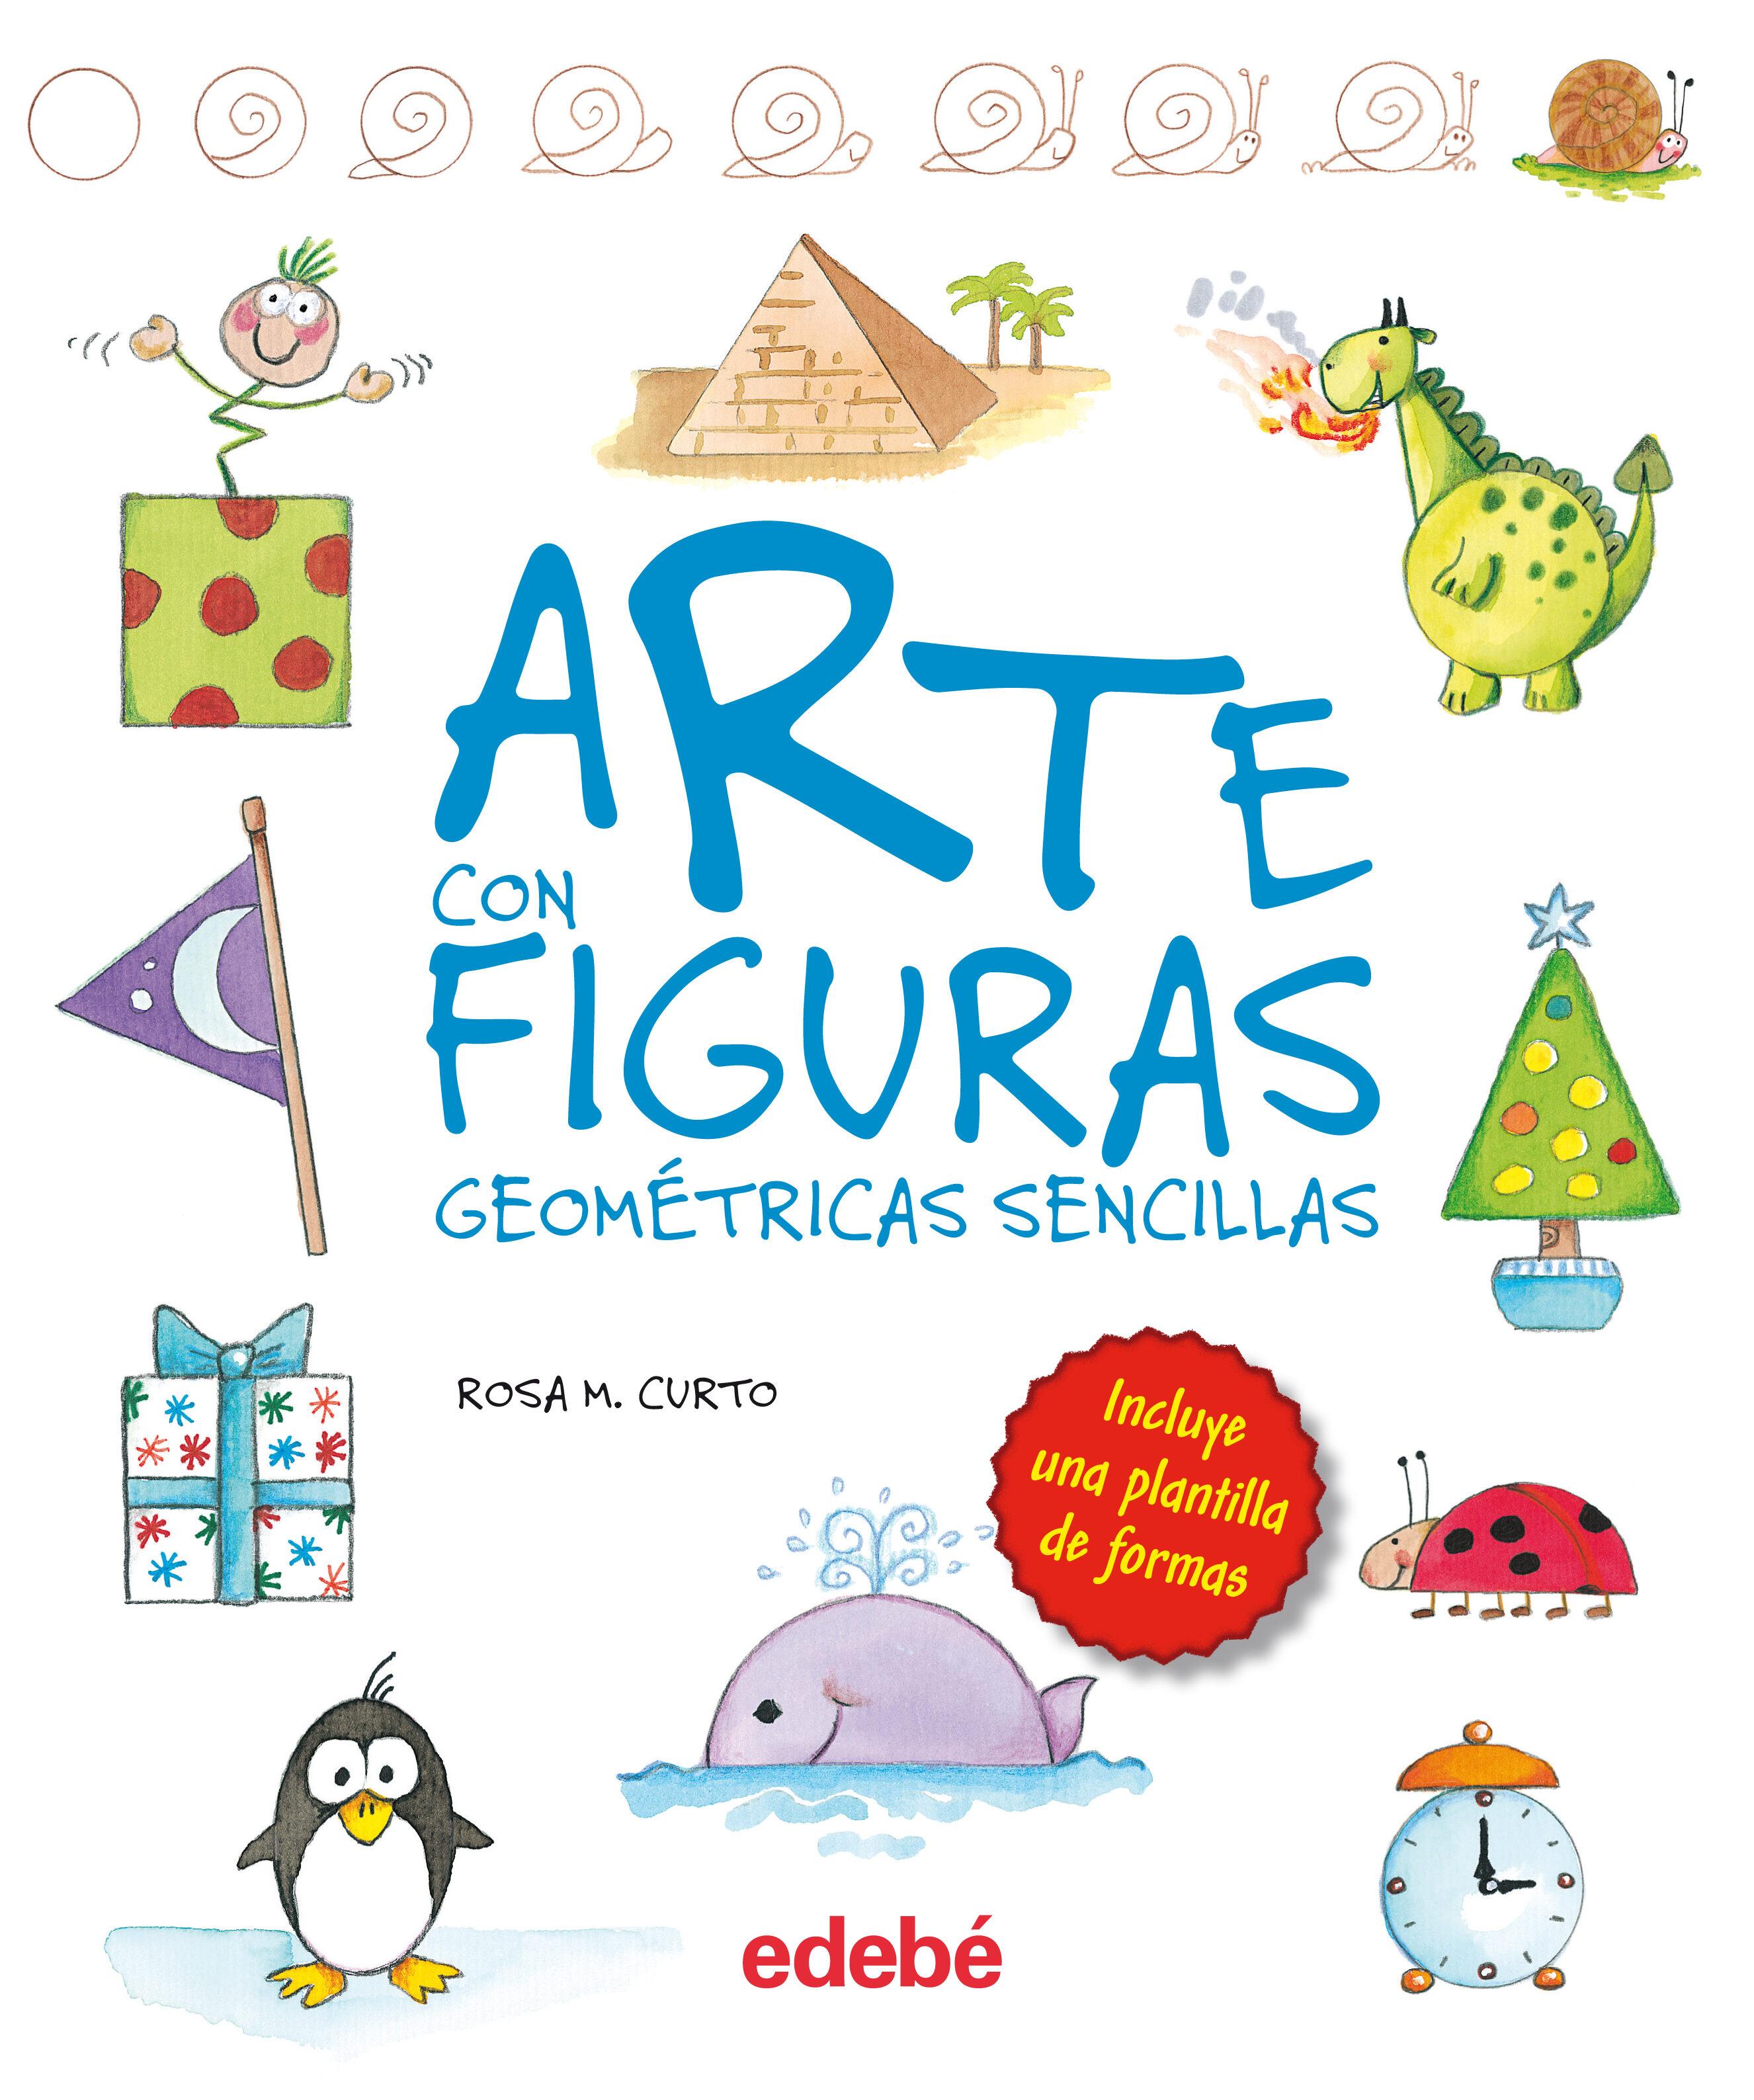 Arte Con Figuras Geométricas Sencillas Rosa Maria Curto Mila